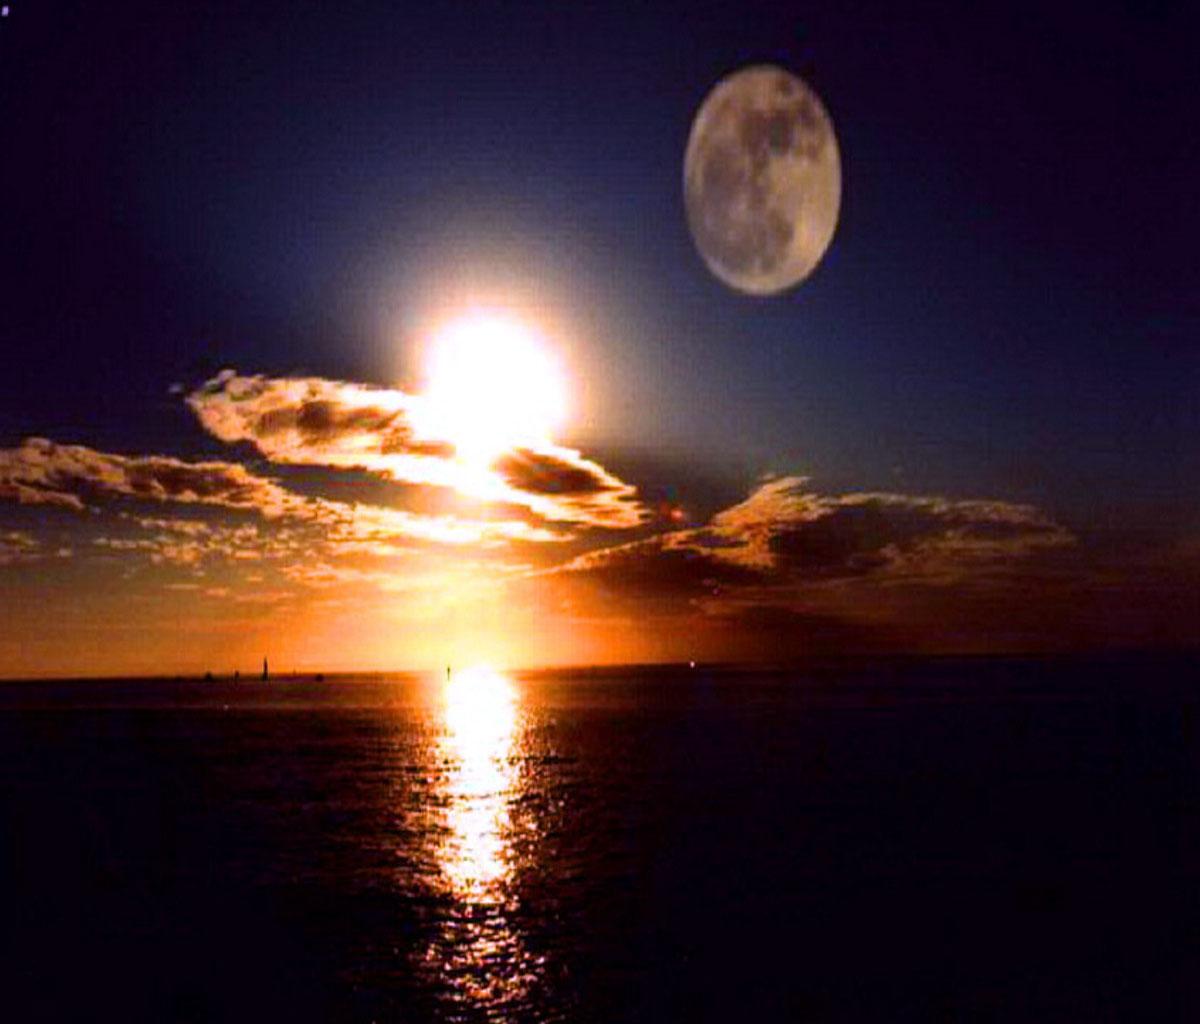 القمر في المنام , تفسير رؤية القمر في الحلم , رؤية القمر والبدر في المنام